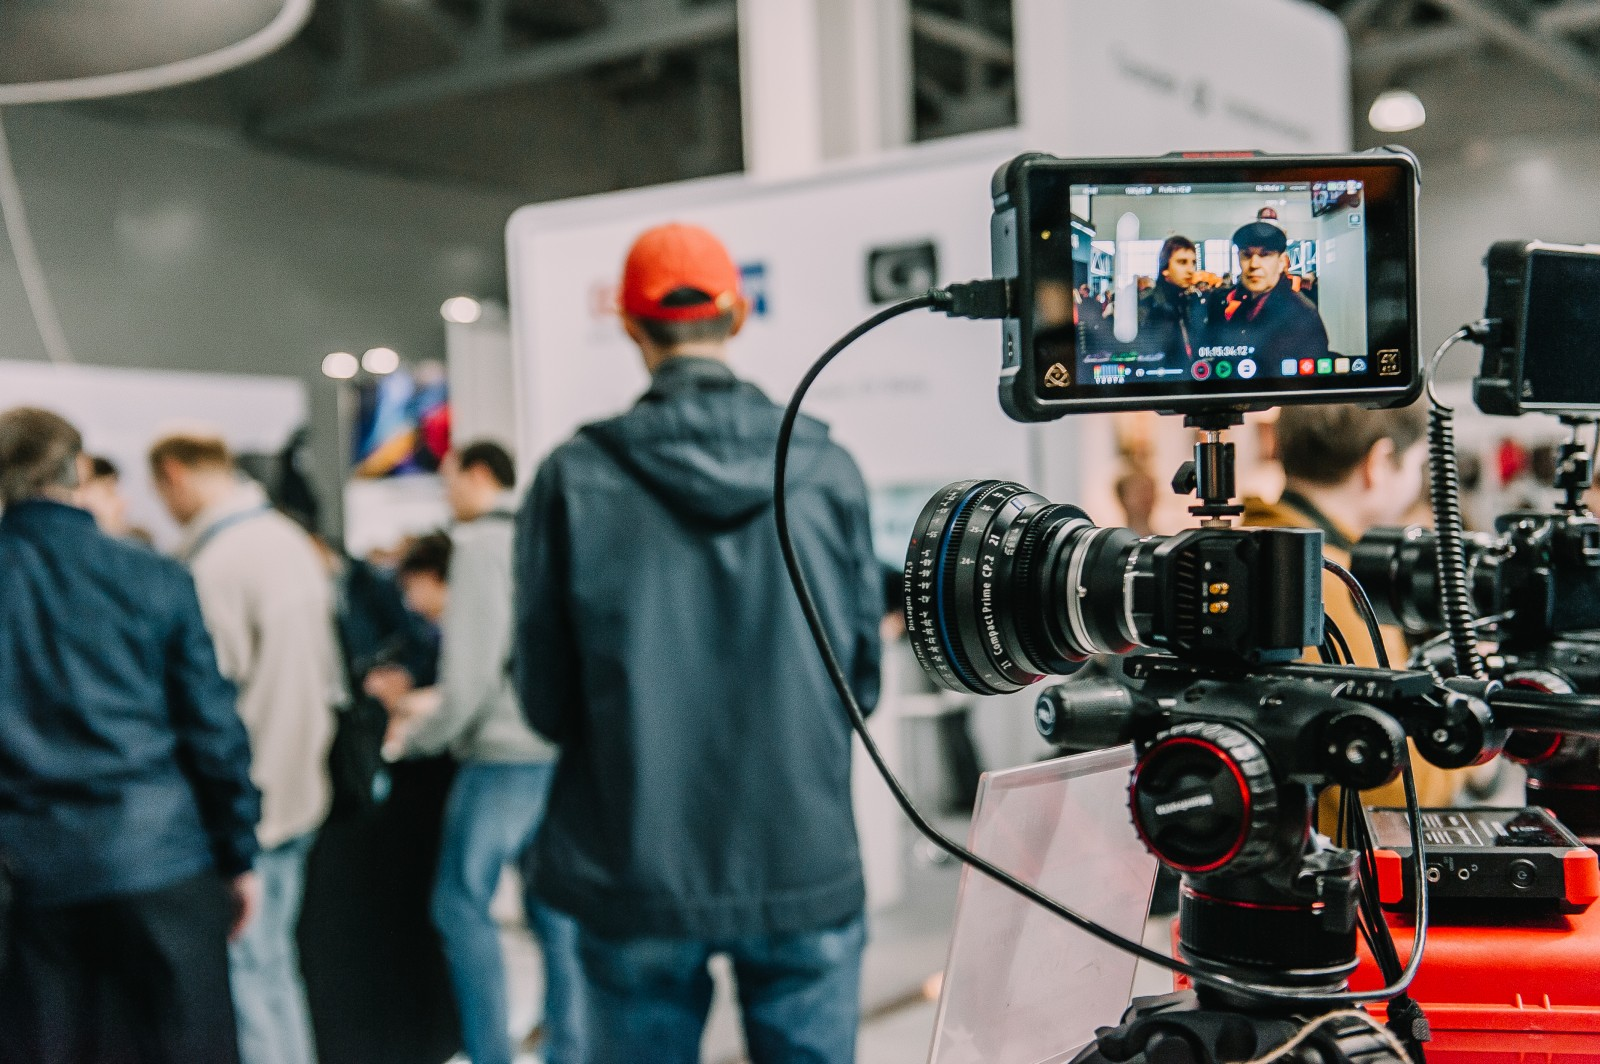 Где в москве можно протестировать фототехнику